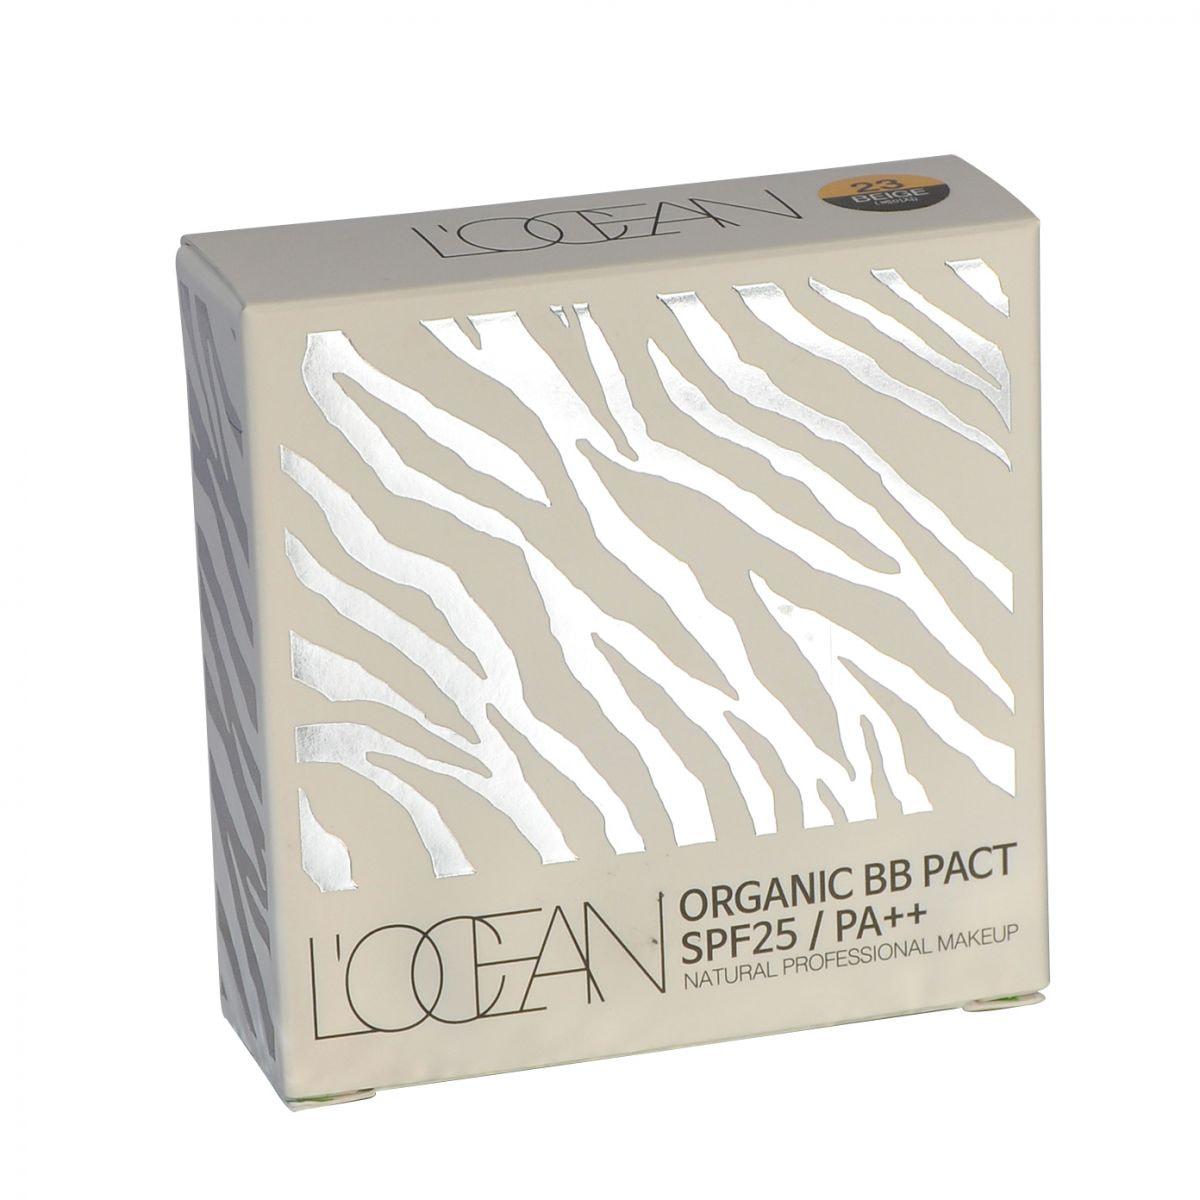 Phấn nền chống nắng L'ocean BB Organic Spf25/pa